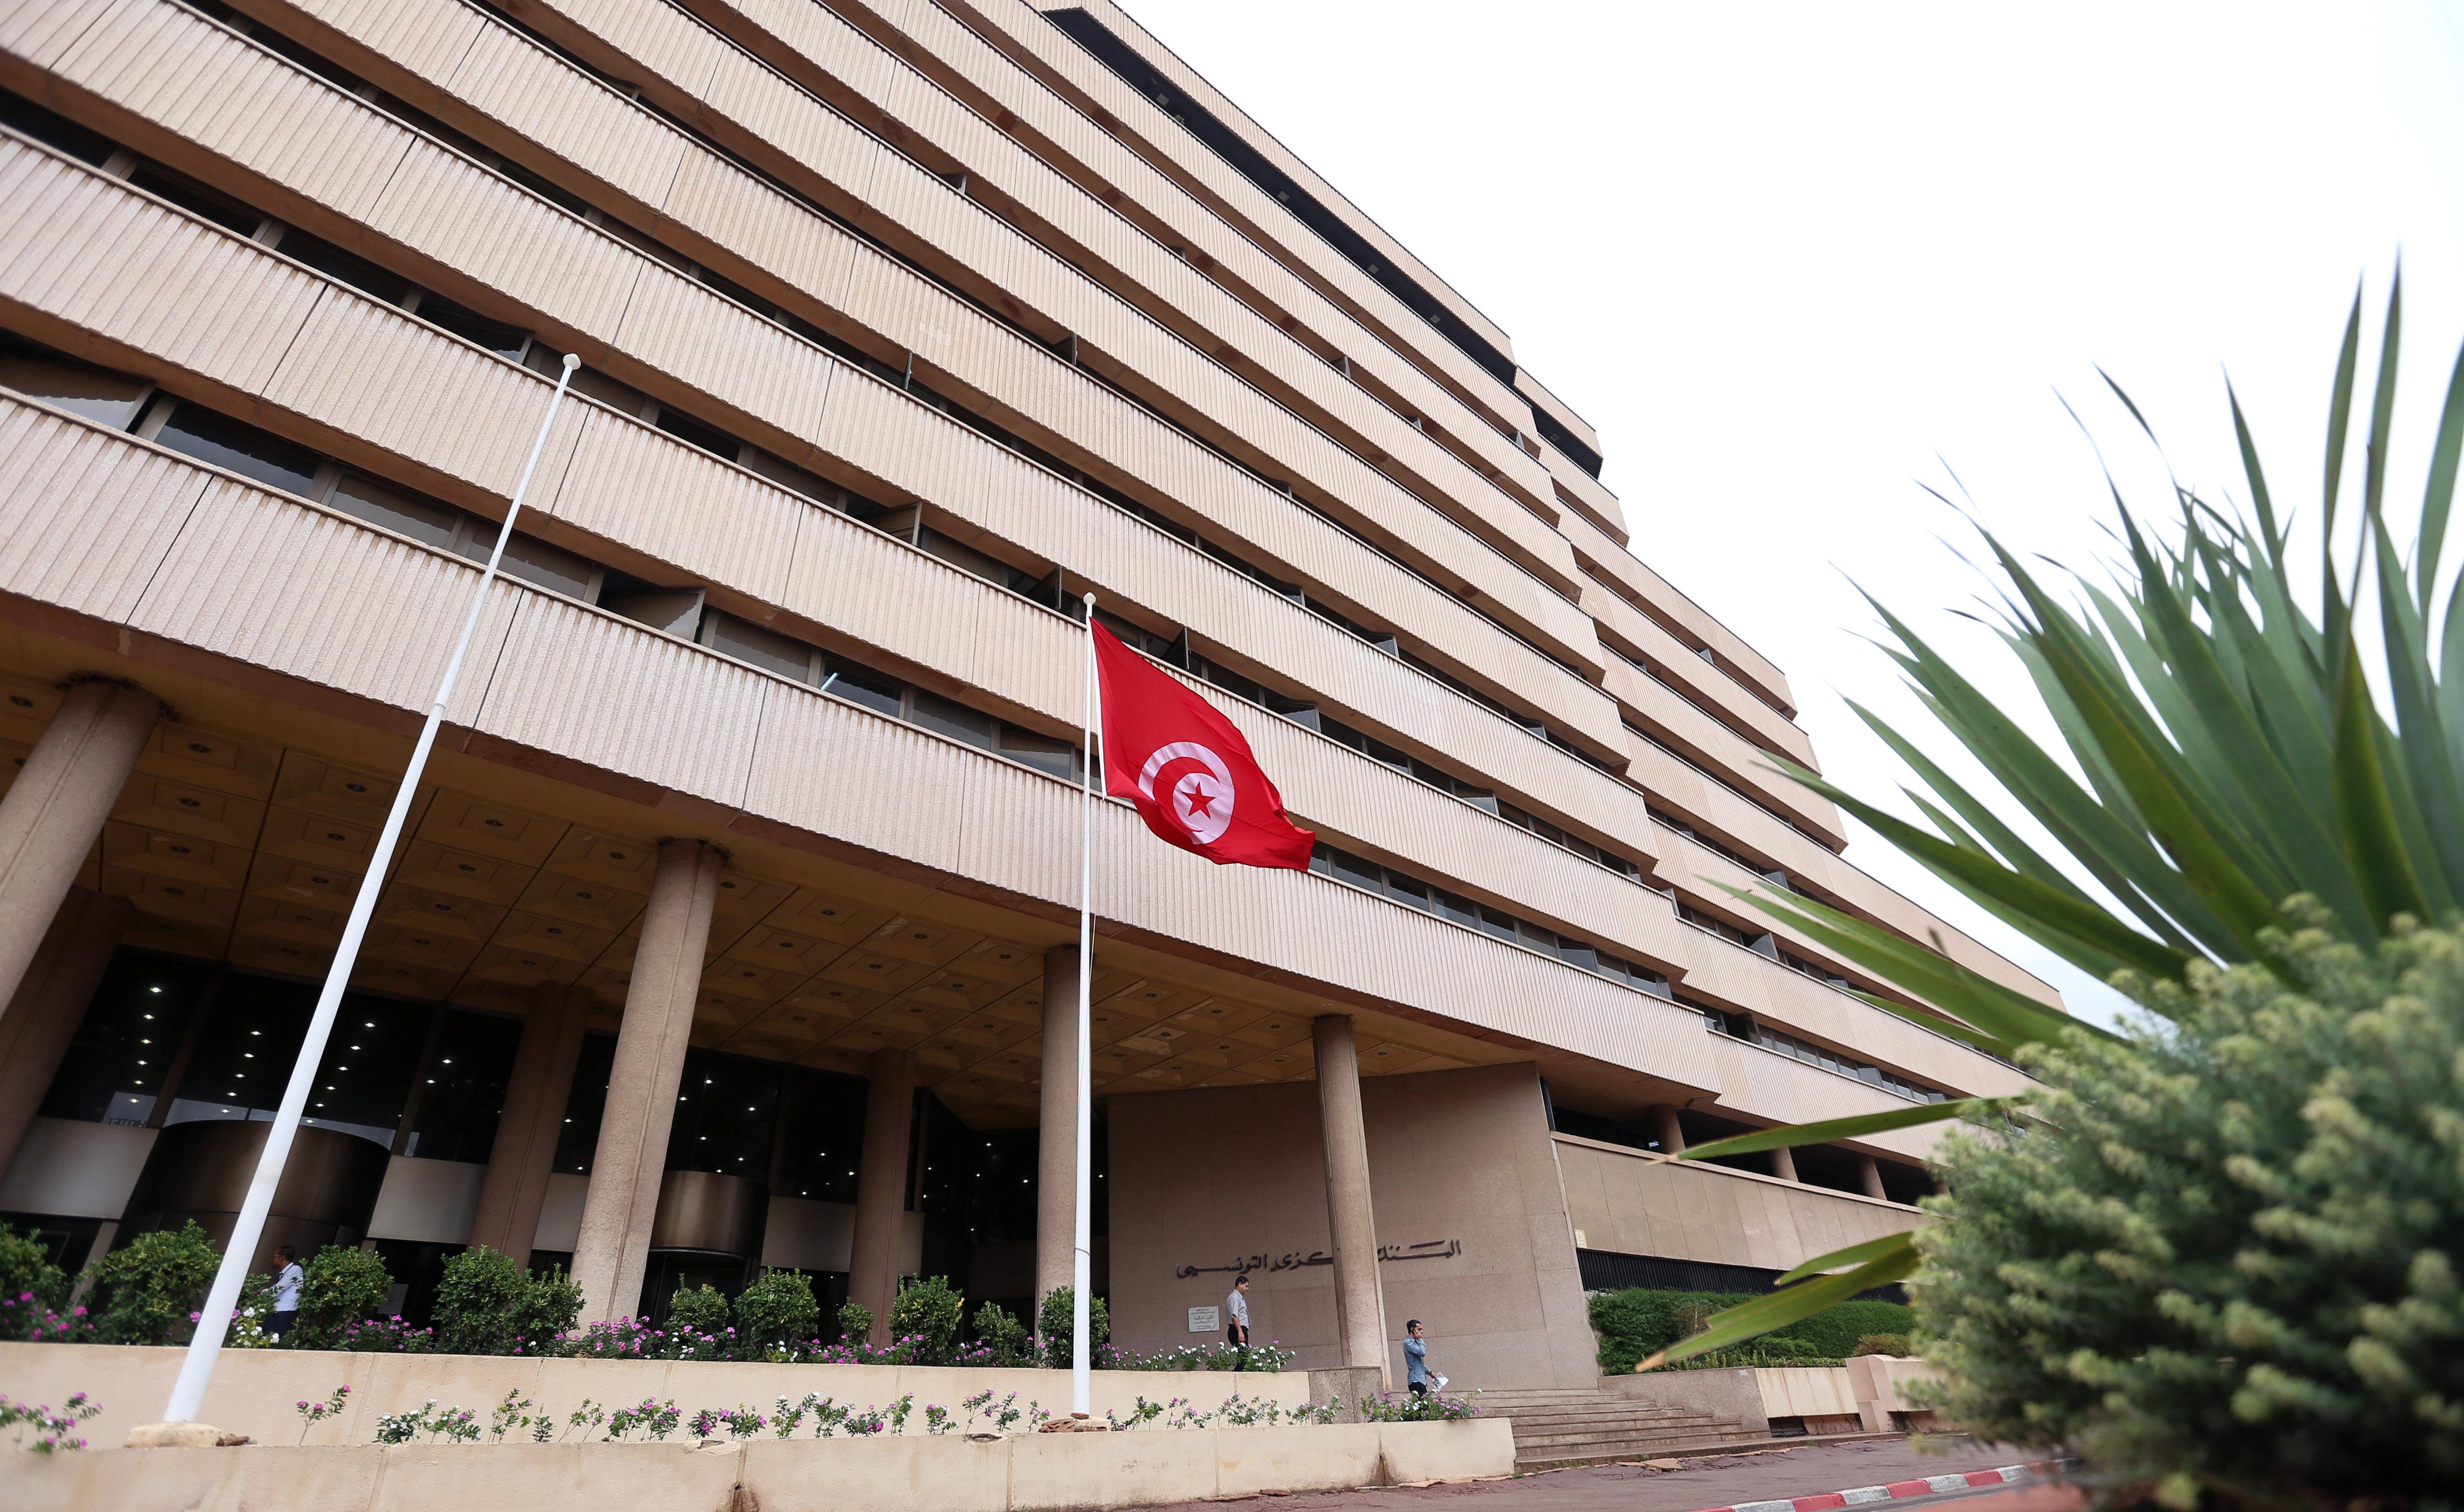 La Tunisie ne sortira pas de sitôt sur le marché financier international, selon le ministre des